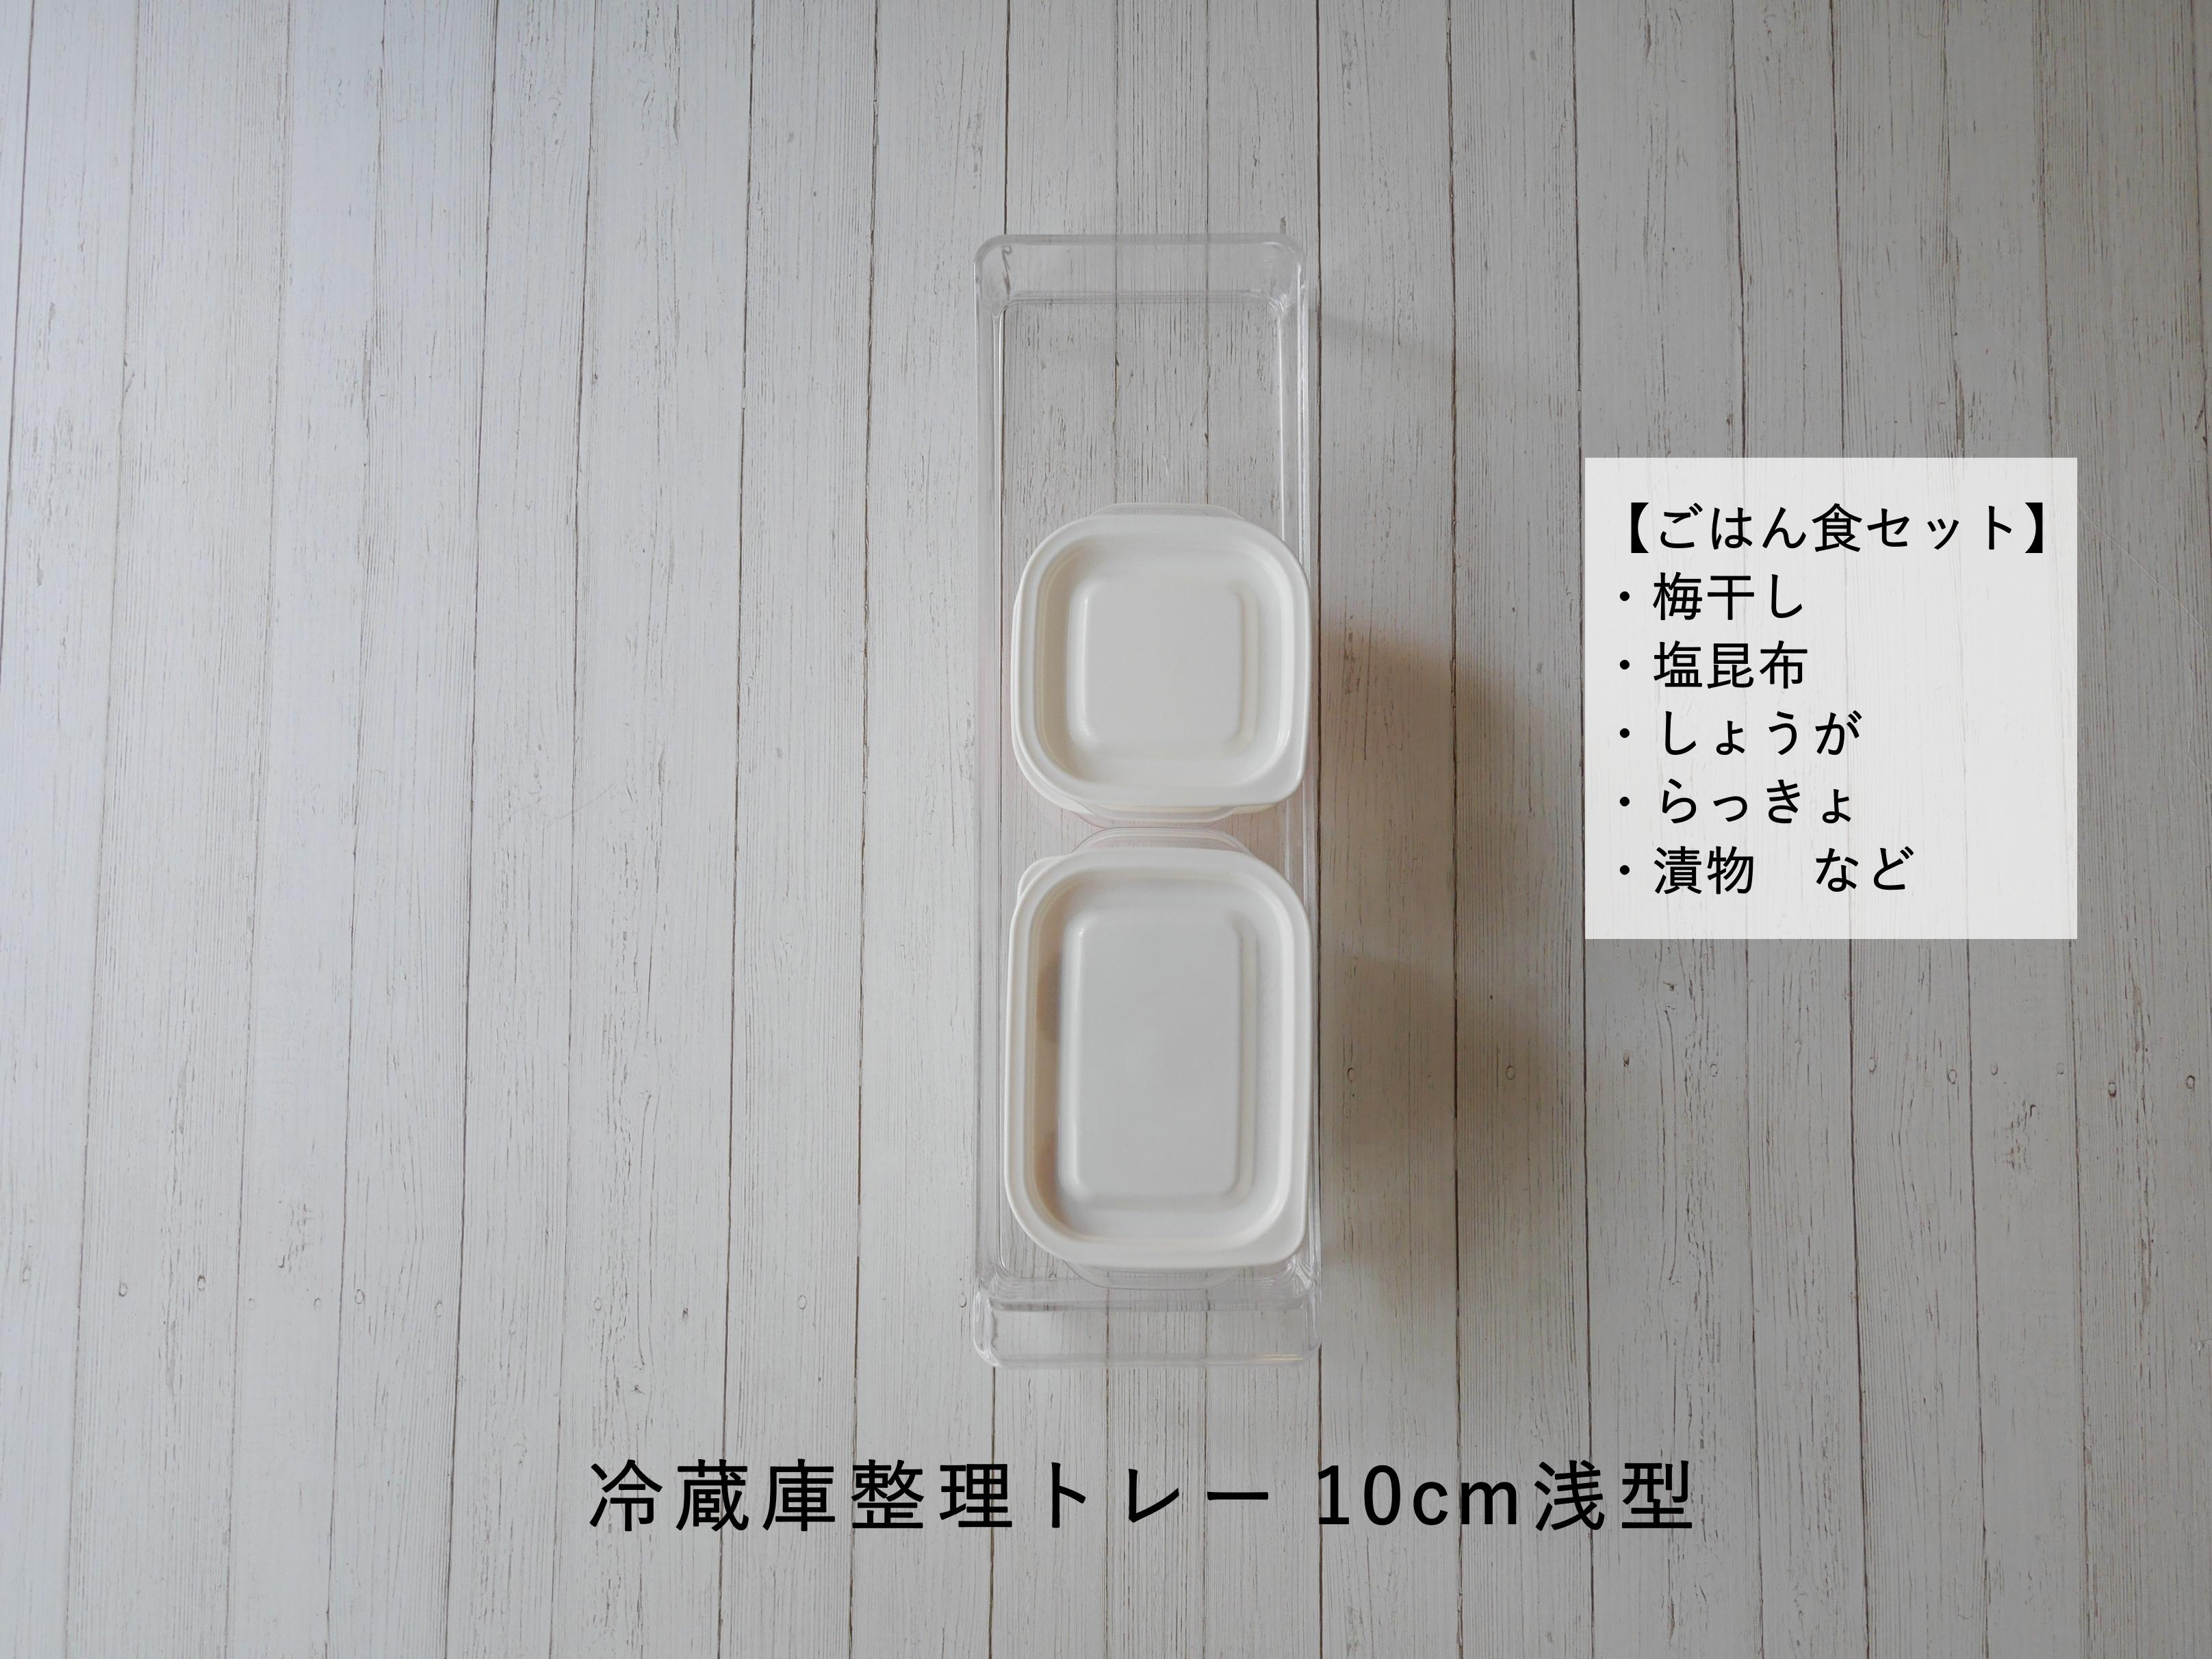 冷蔵庫整理トレー 10cm浅型